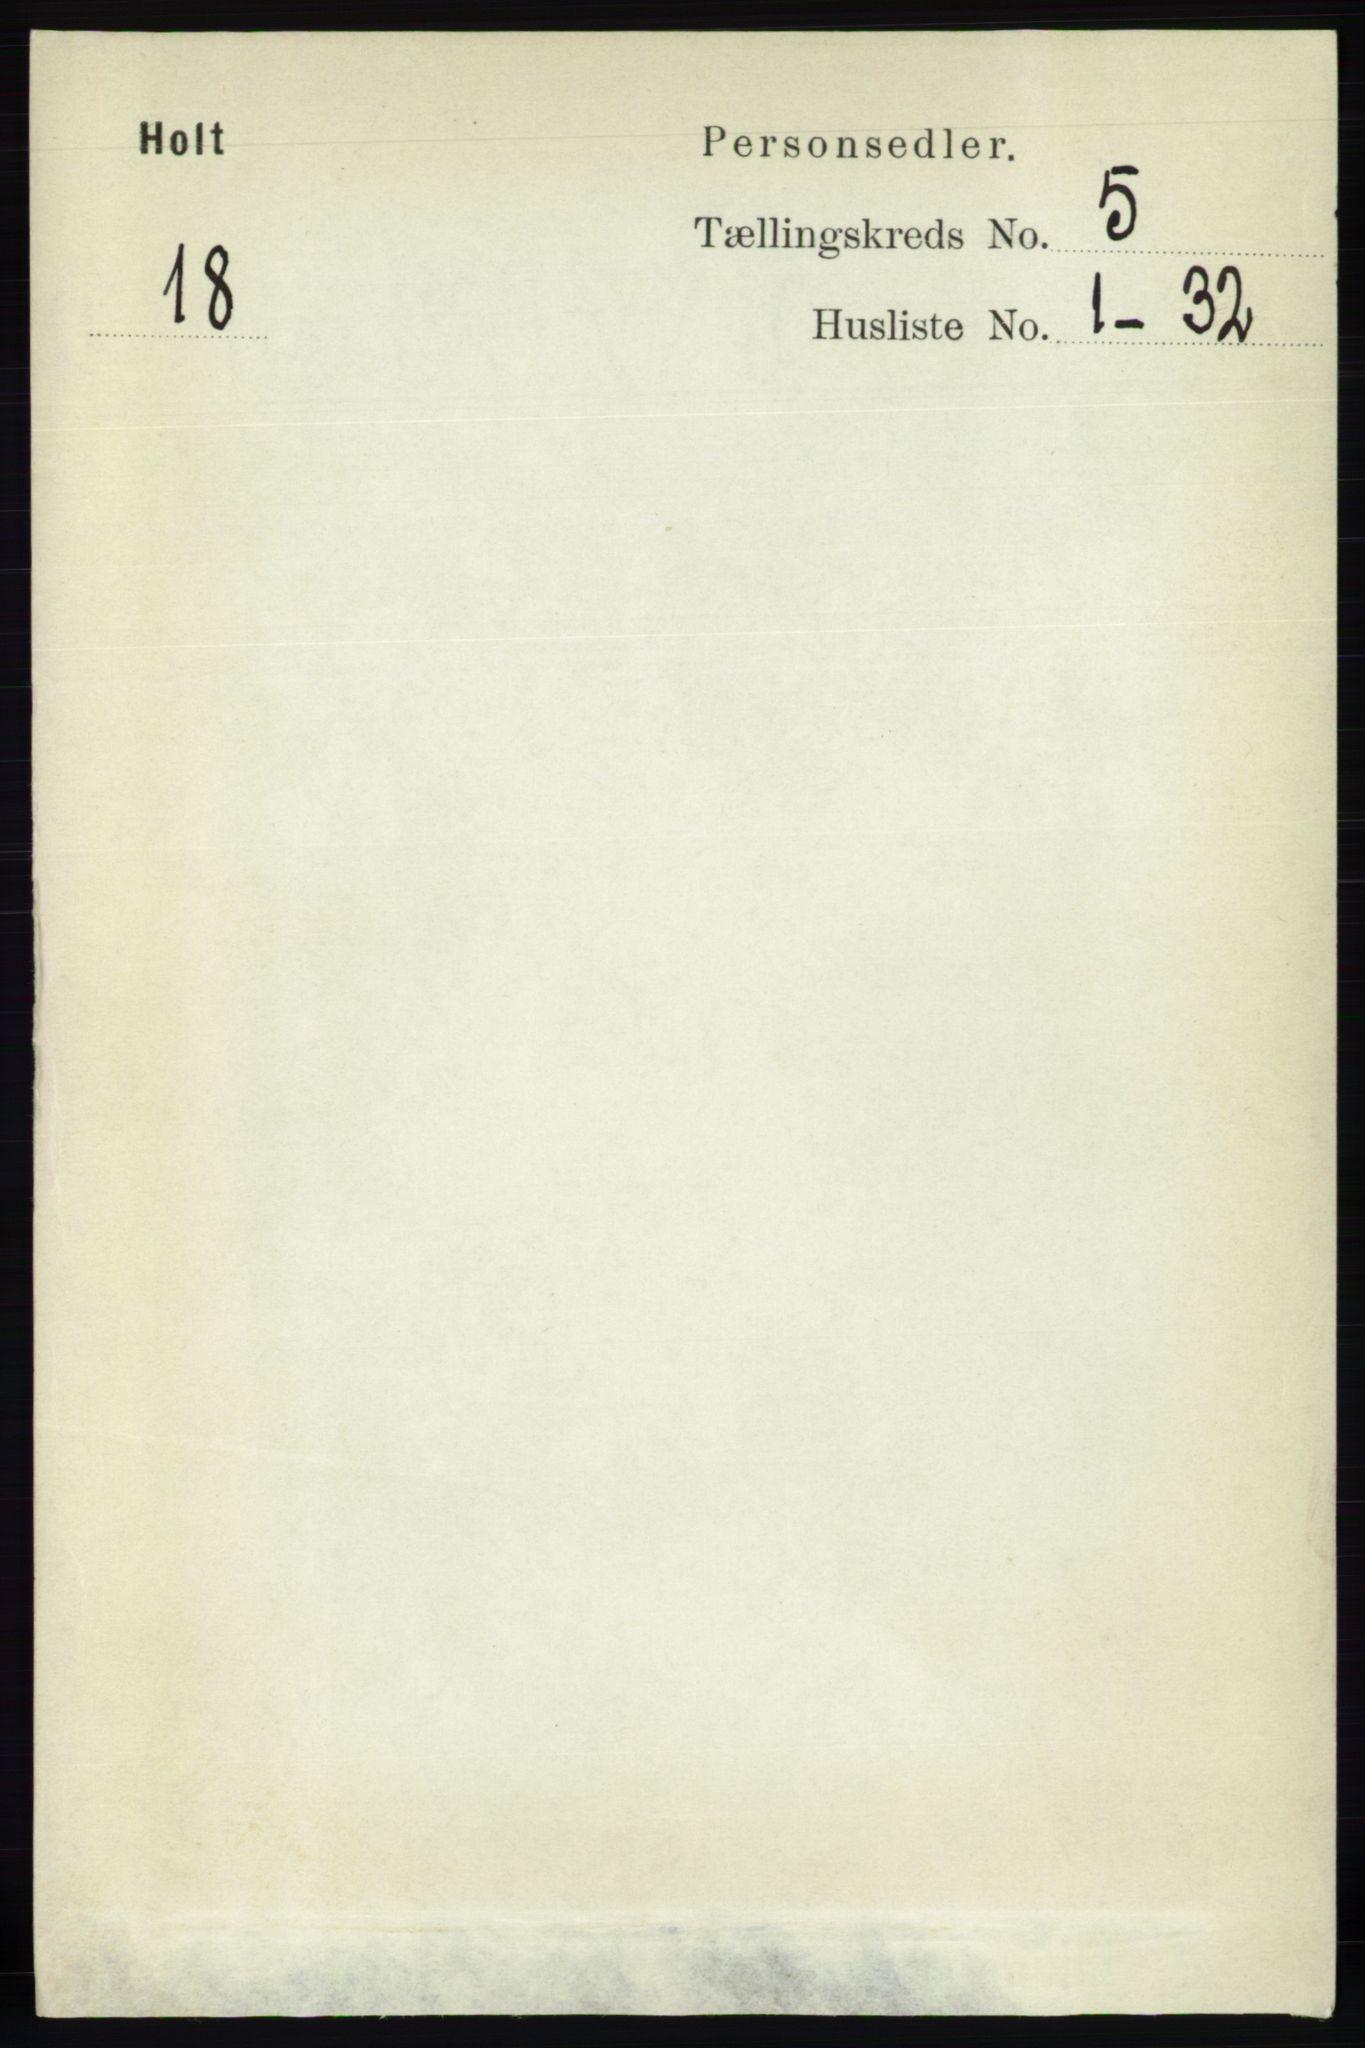 RA, Folketelling 1891 for 0914 Holt herred, 1891, s. 2331